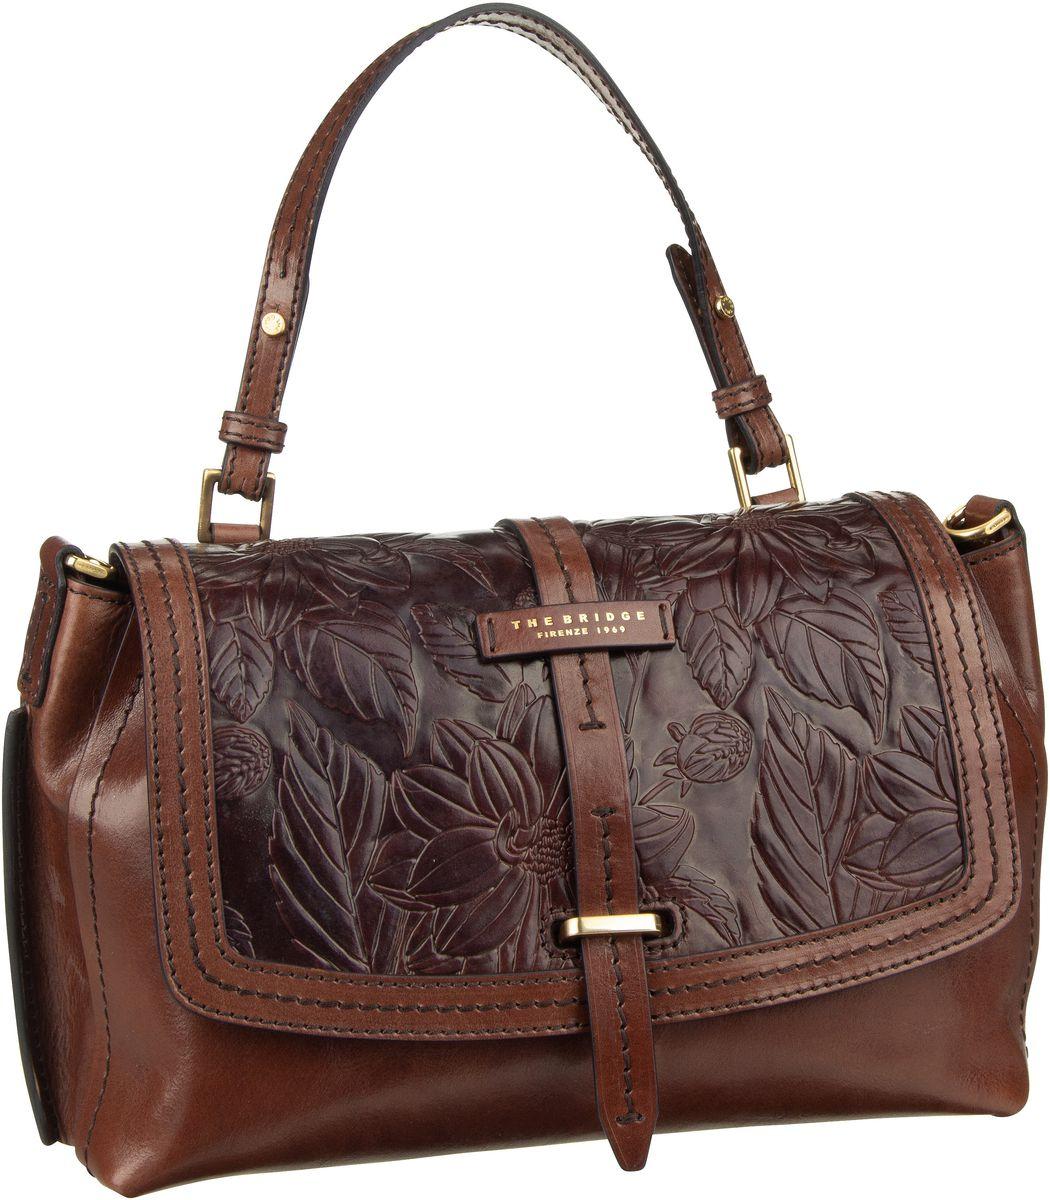 Handtasche Capraia Handtasche 3407 Marrone/Oro